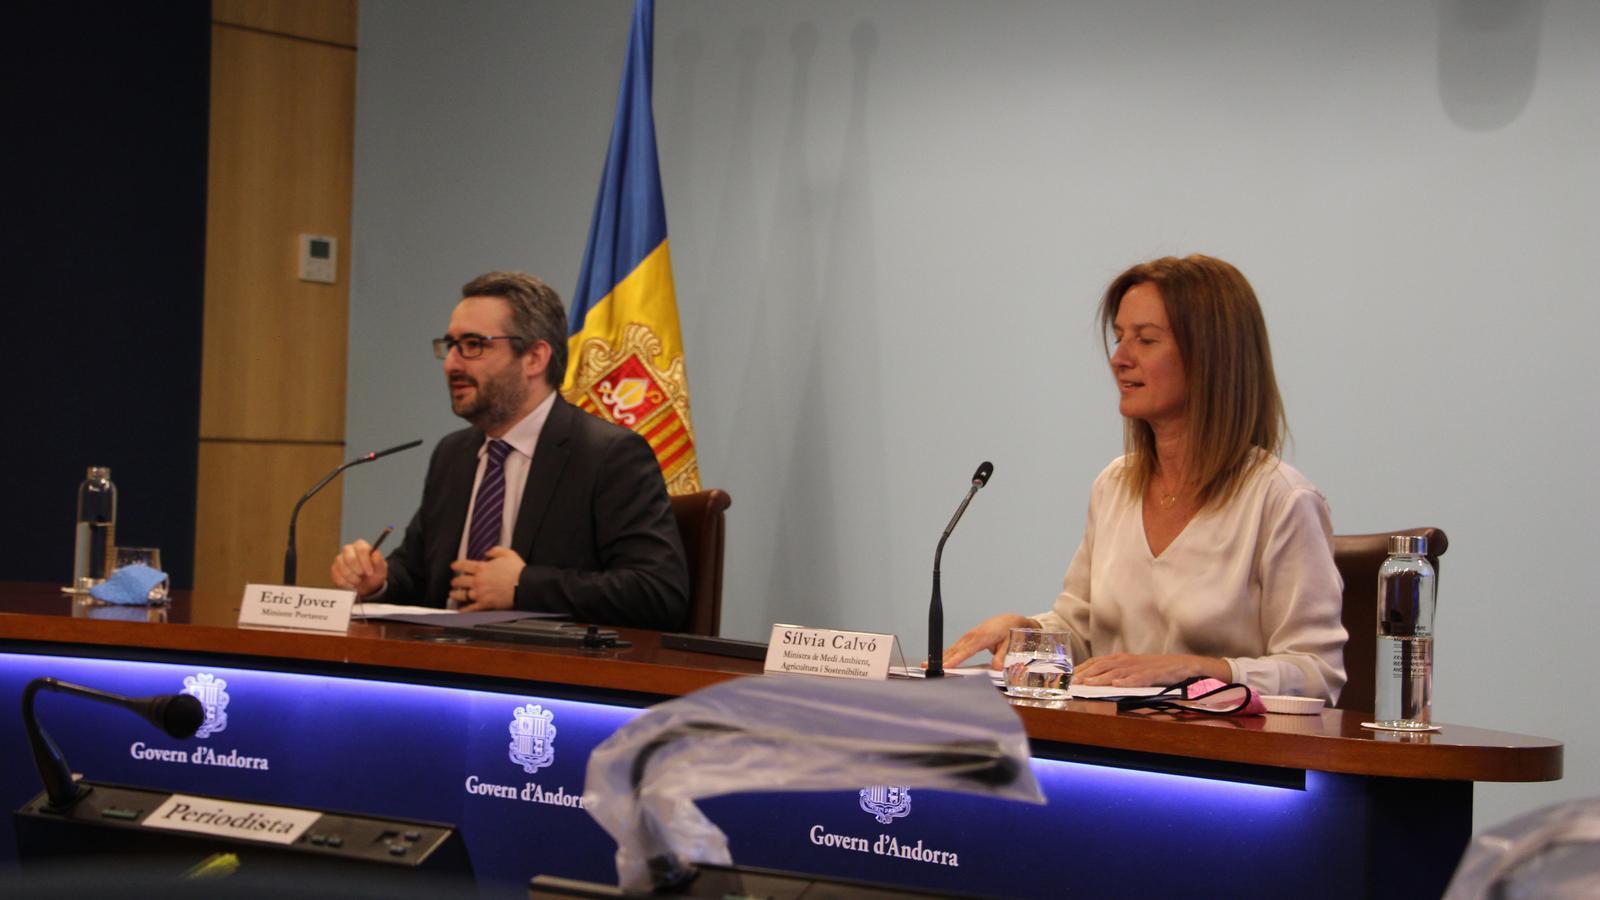 El ministre portaveu, Eric Jover, i la ministra de Medi Ambient, Agricultura i Sostenibilitat, Sílvia Calvó. / A.S. (ANA)